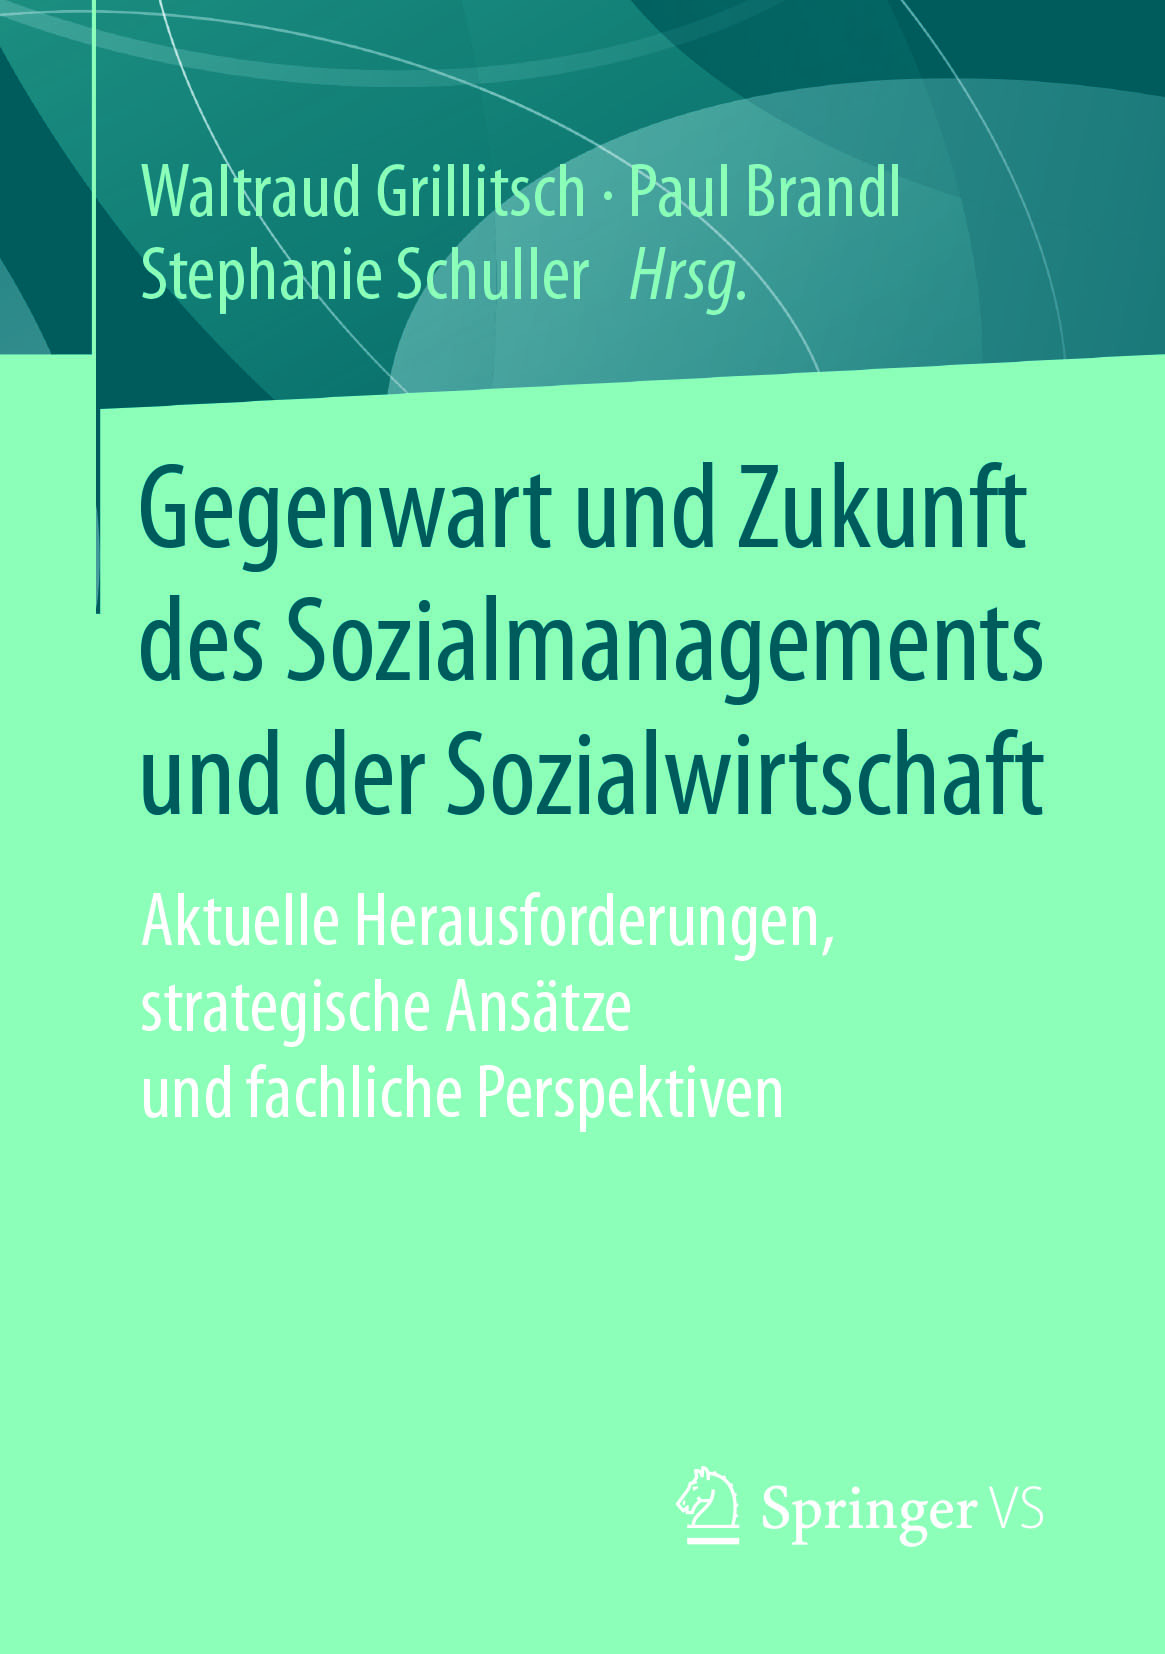 Brandl, Paul - Gegenwart und Zukunft des Sozialmanagements und der Sozialwirtschaft, ebook